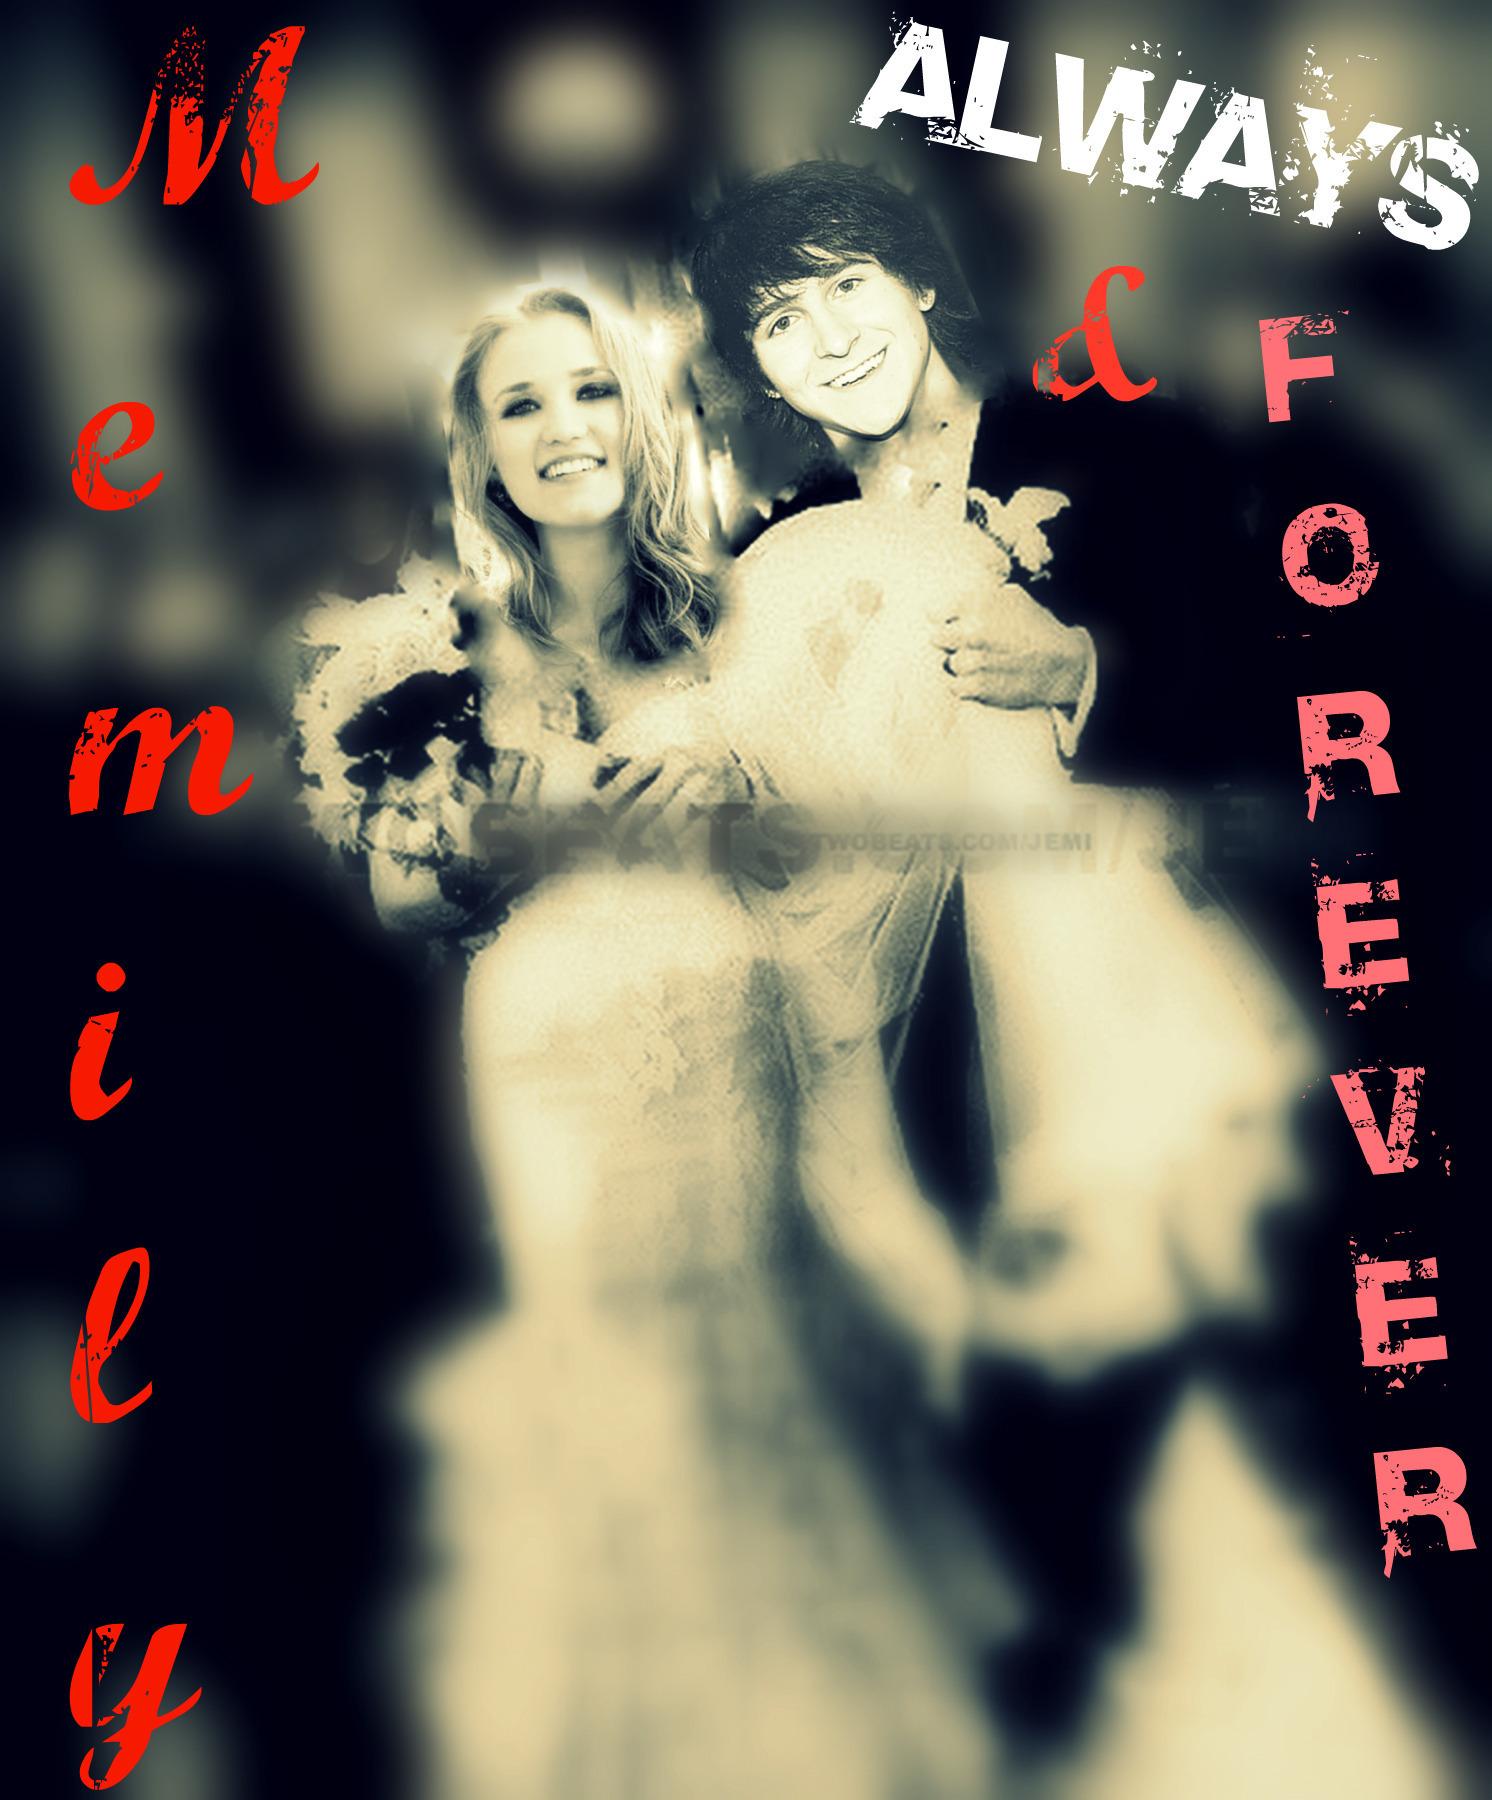 Loliver - Always & Forever